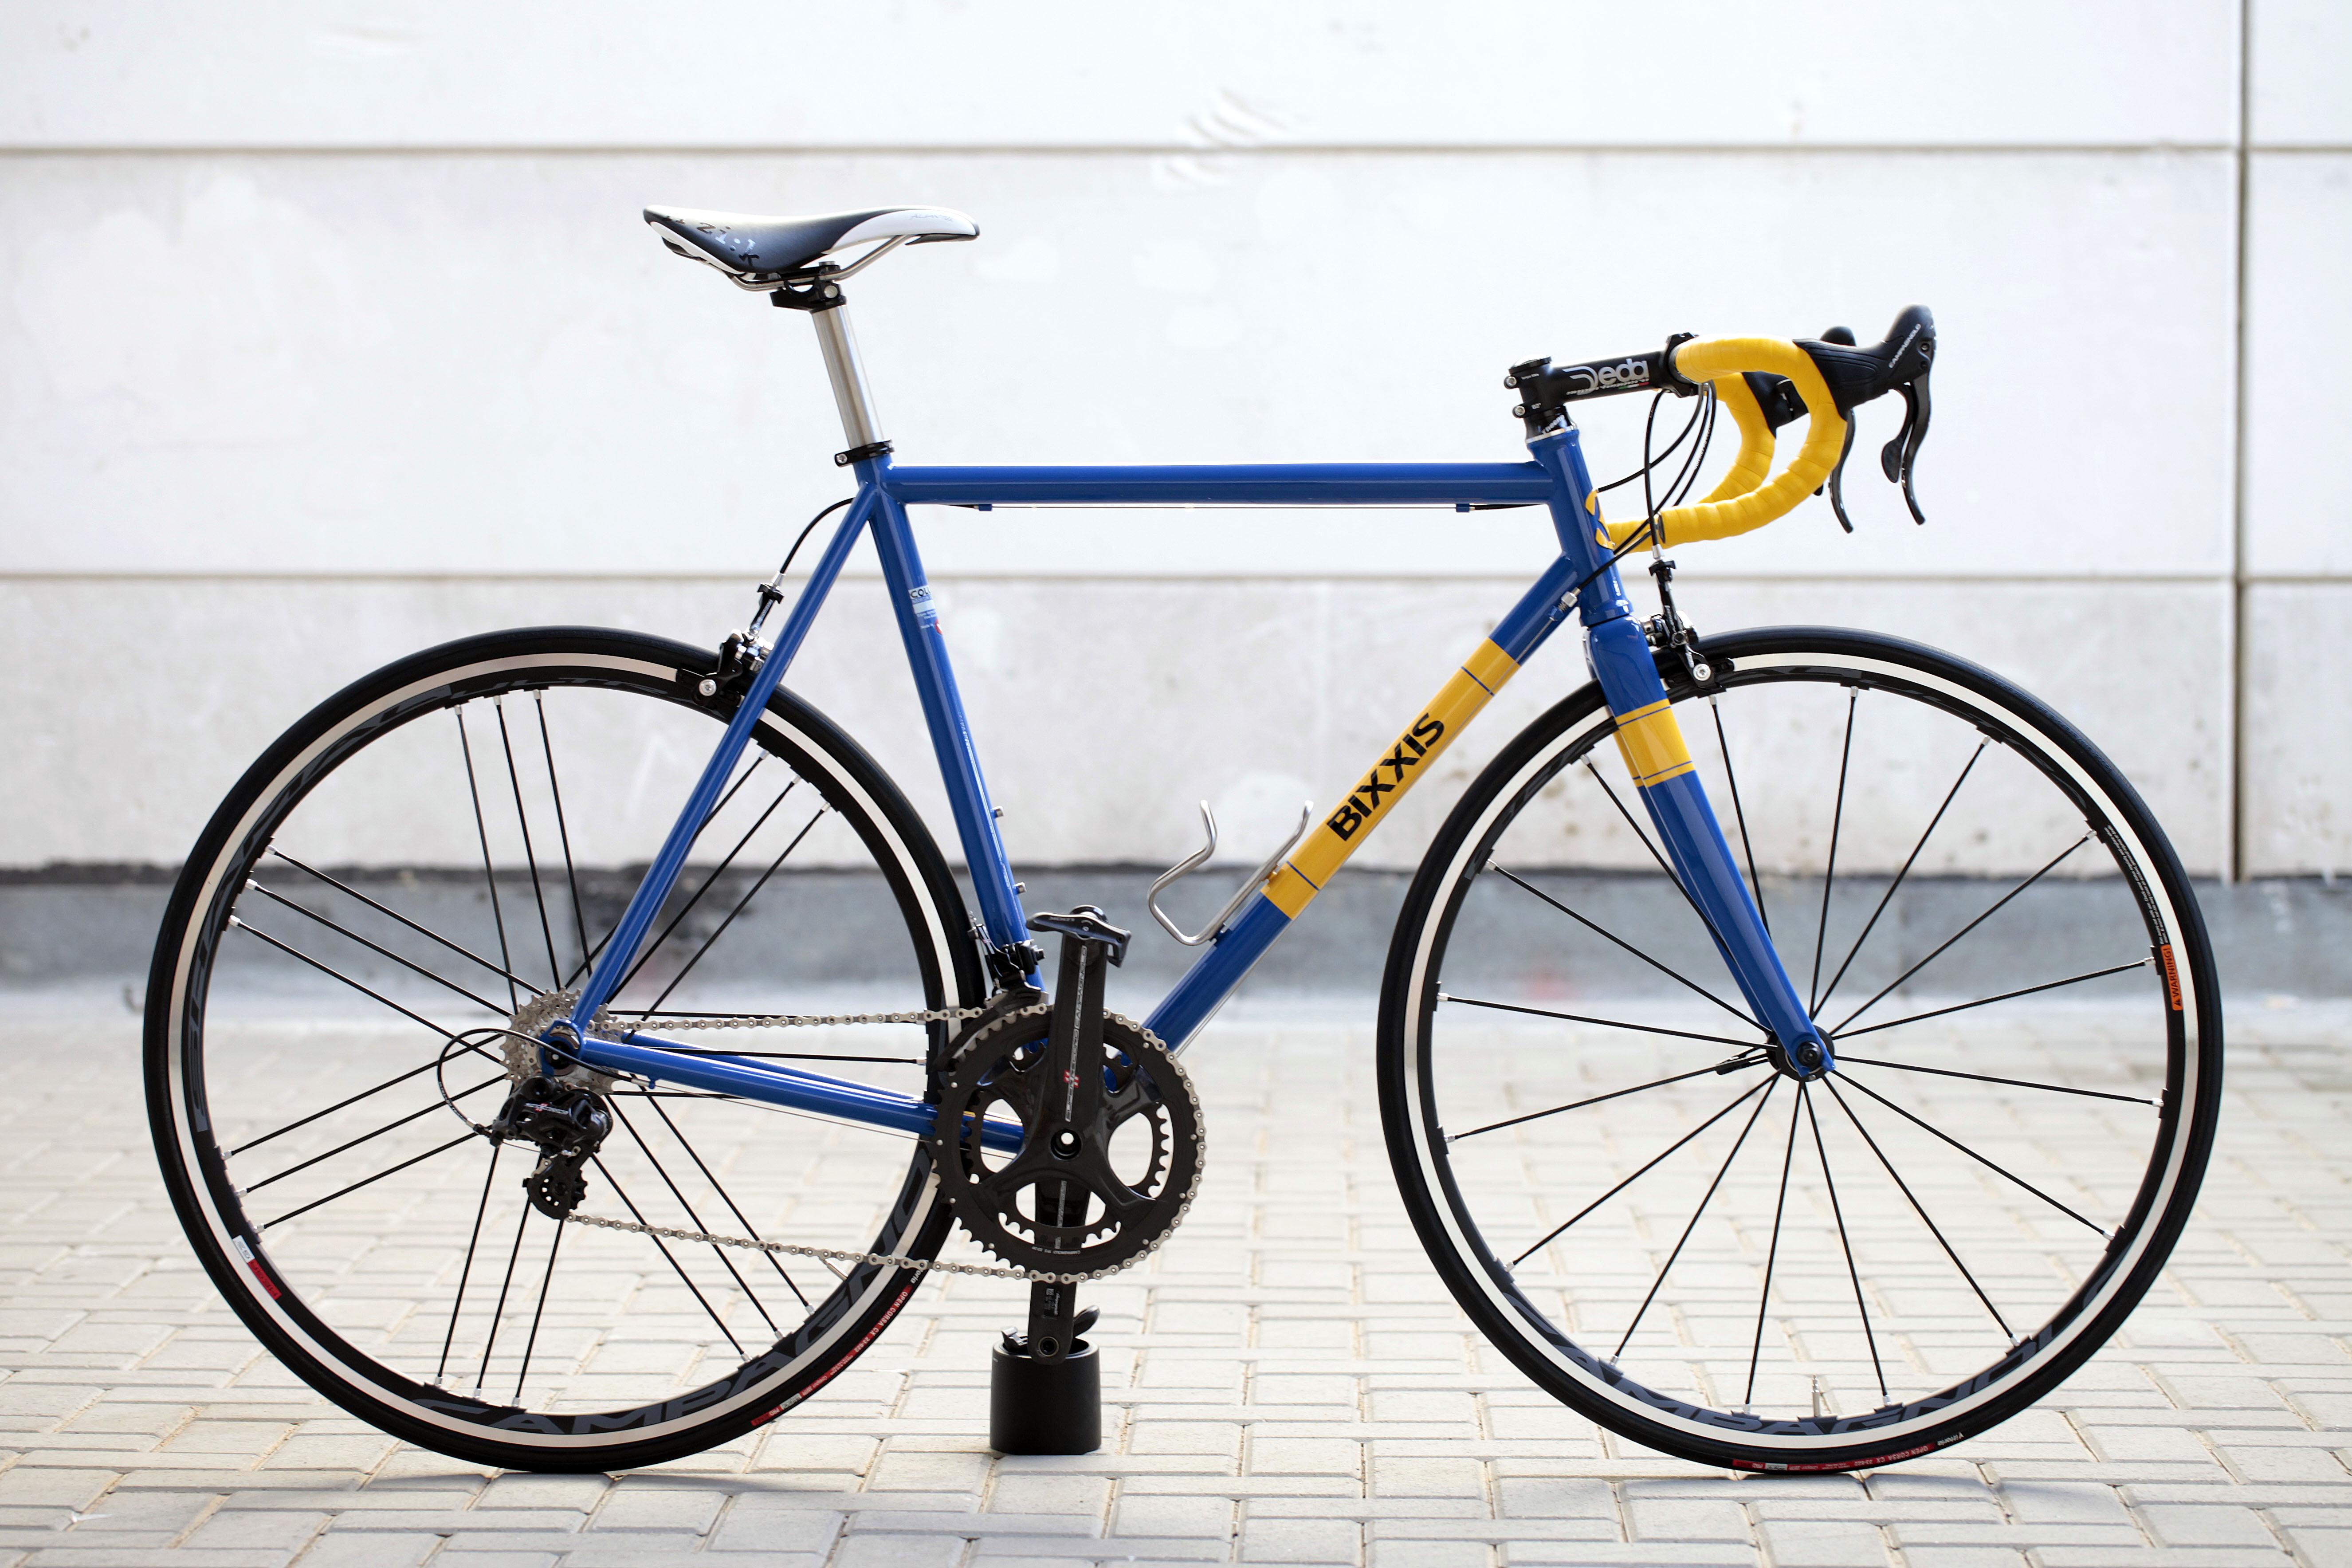 12 Bixxis Prima, bicicletta artigianale in acciaio realizzata a mano da Doriano De Rosa 012